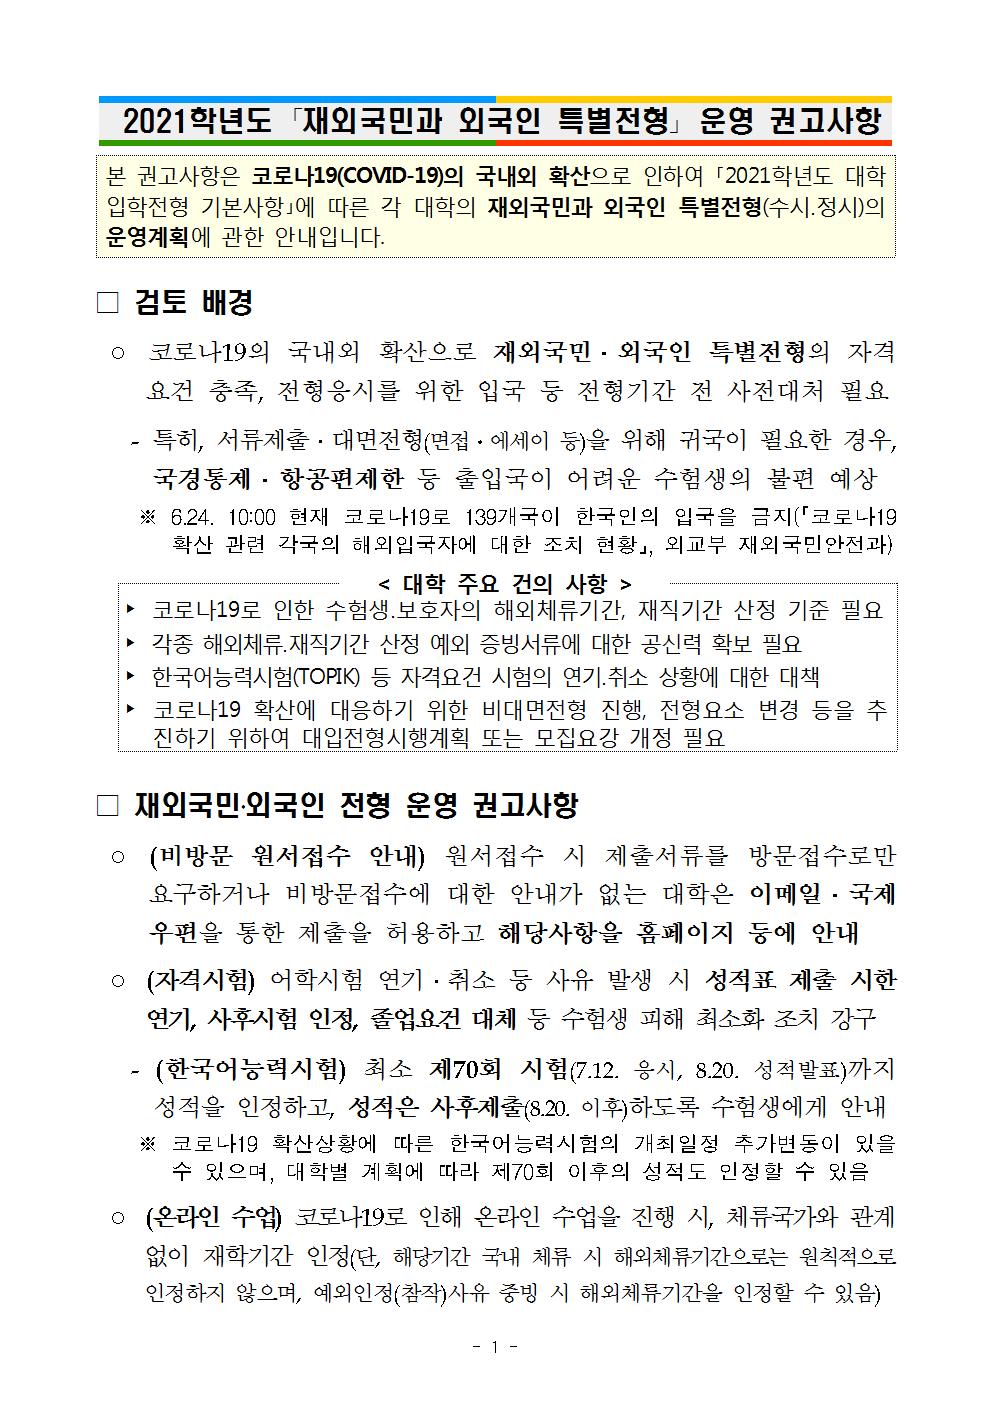 200630 2021학년도 재외국민과 외국인 특별전형 운영 권고사항001.png